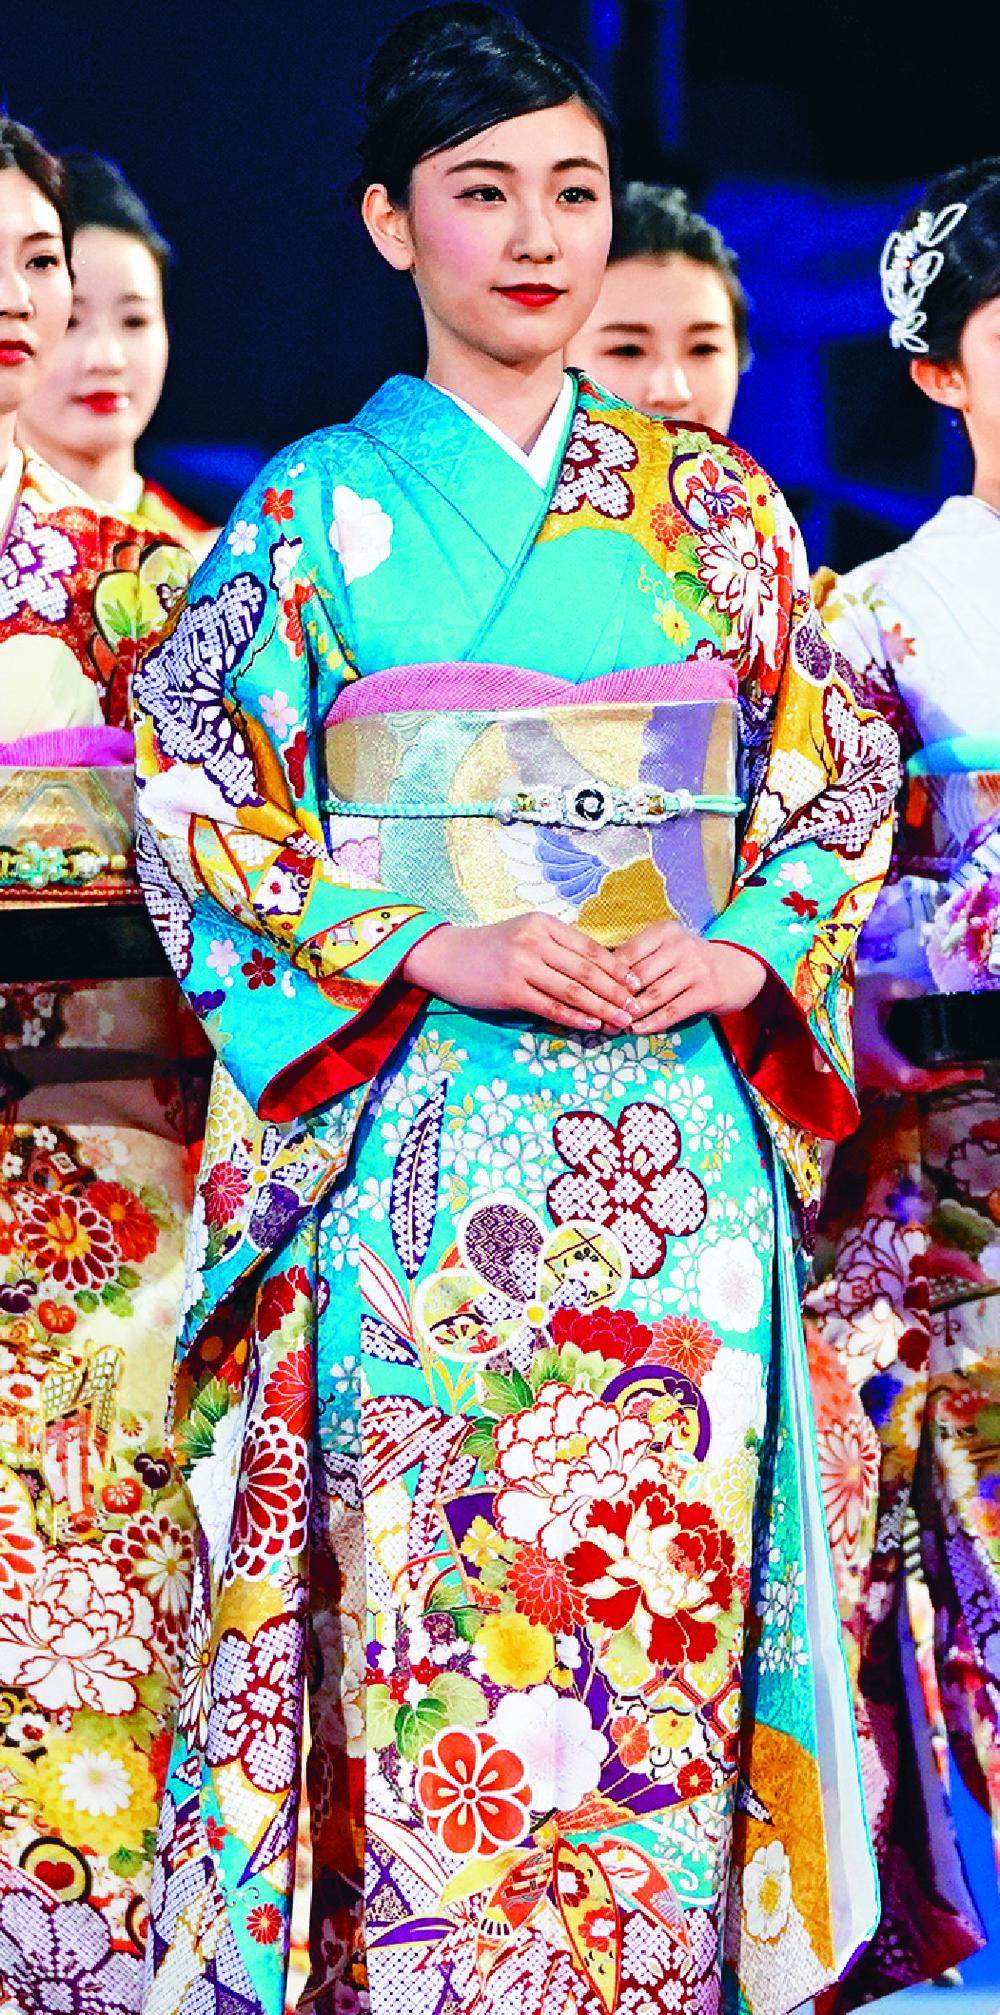 kimono means thing thats worn